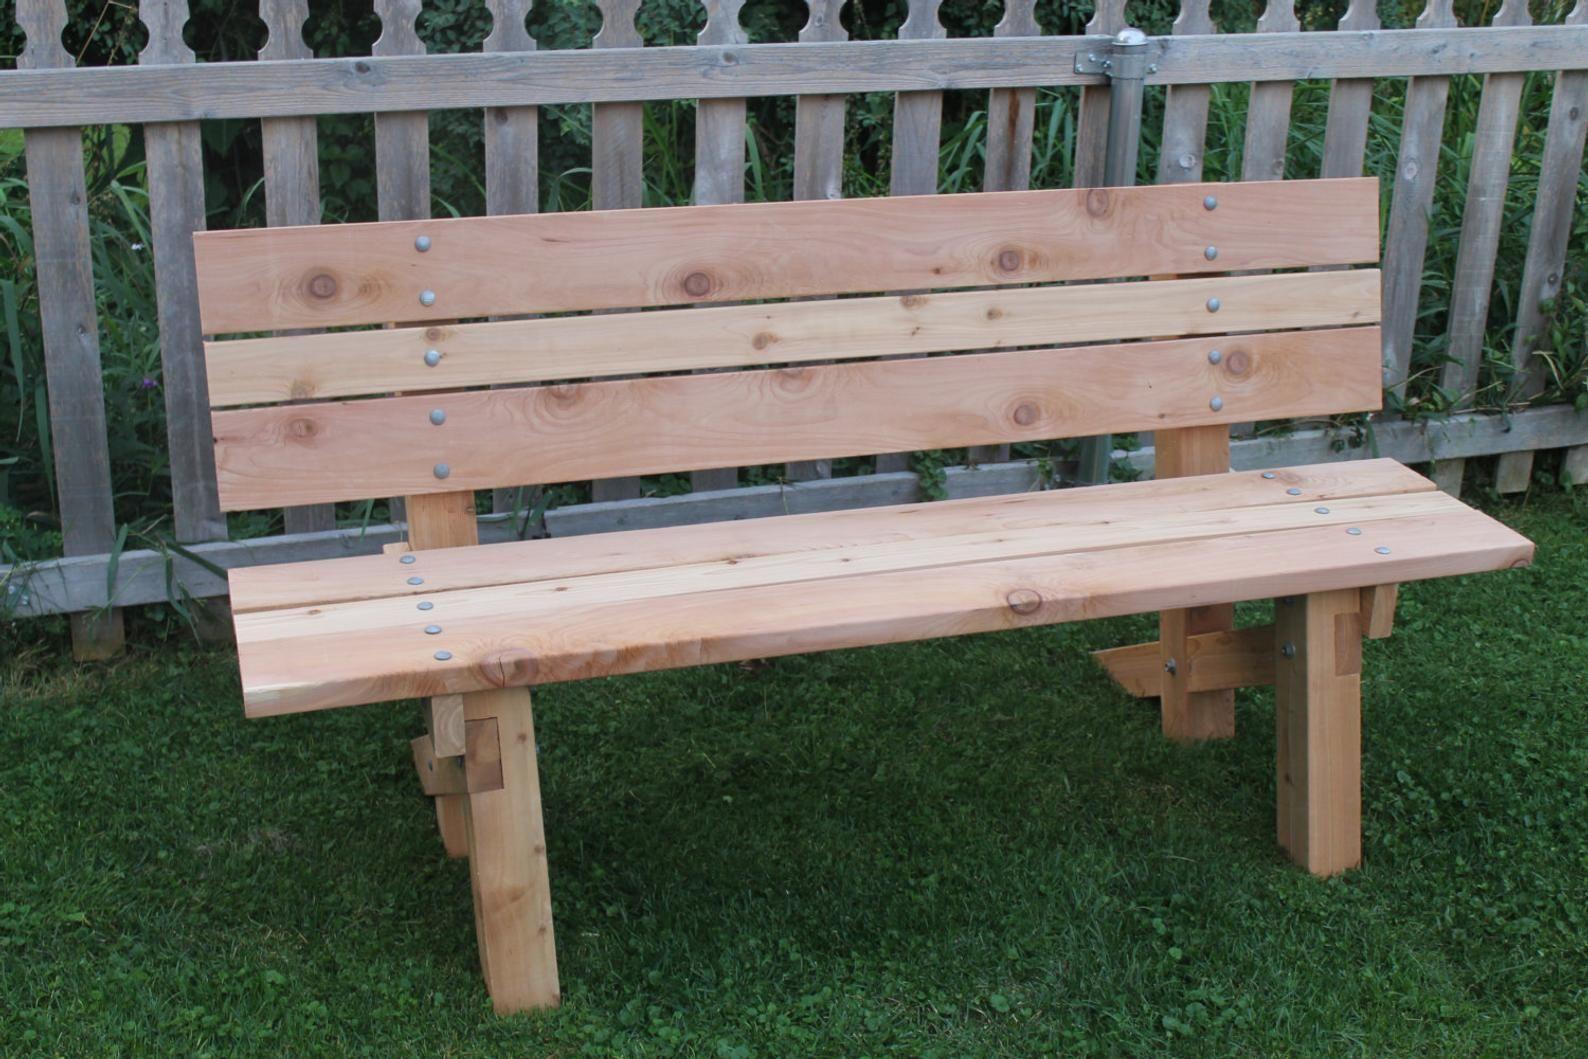 Cedar Outdoor Bench Etsy In 2020 Wood Bench Outdoor Wooden Bench Outdoor Outdoor Bench